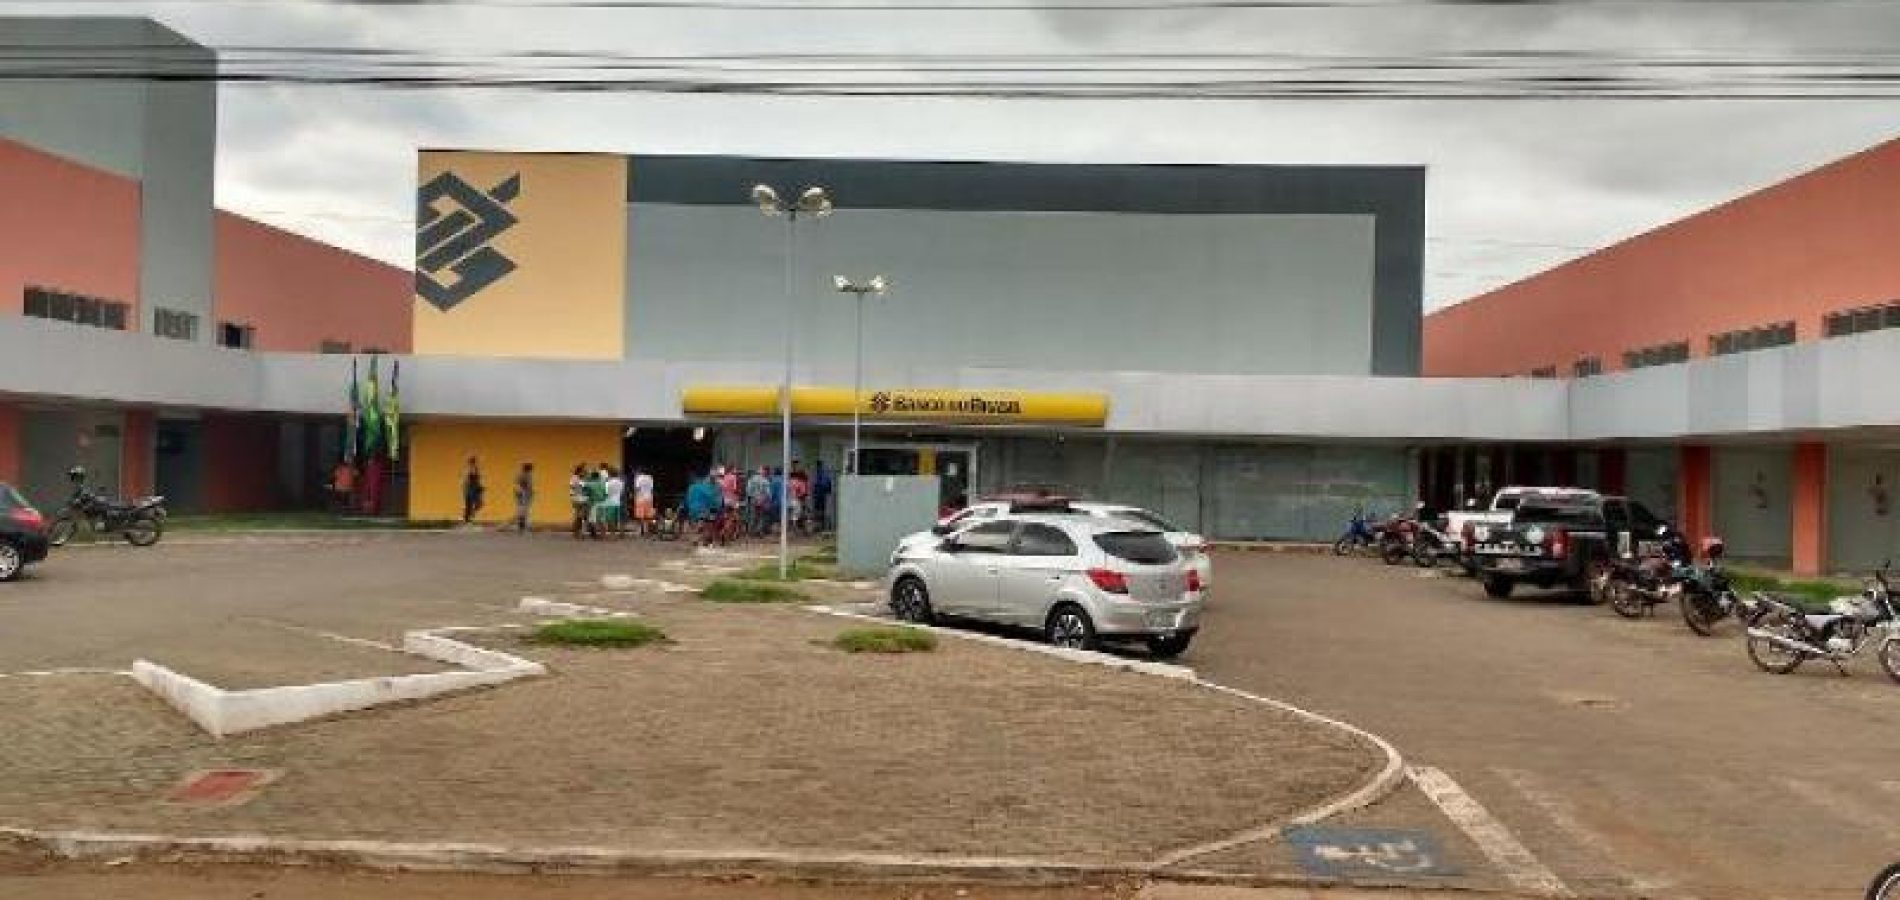 PICOS | Após explosão, agência bancária passa por reforma e não realiza atendimentos